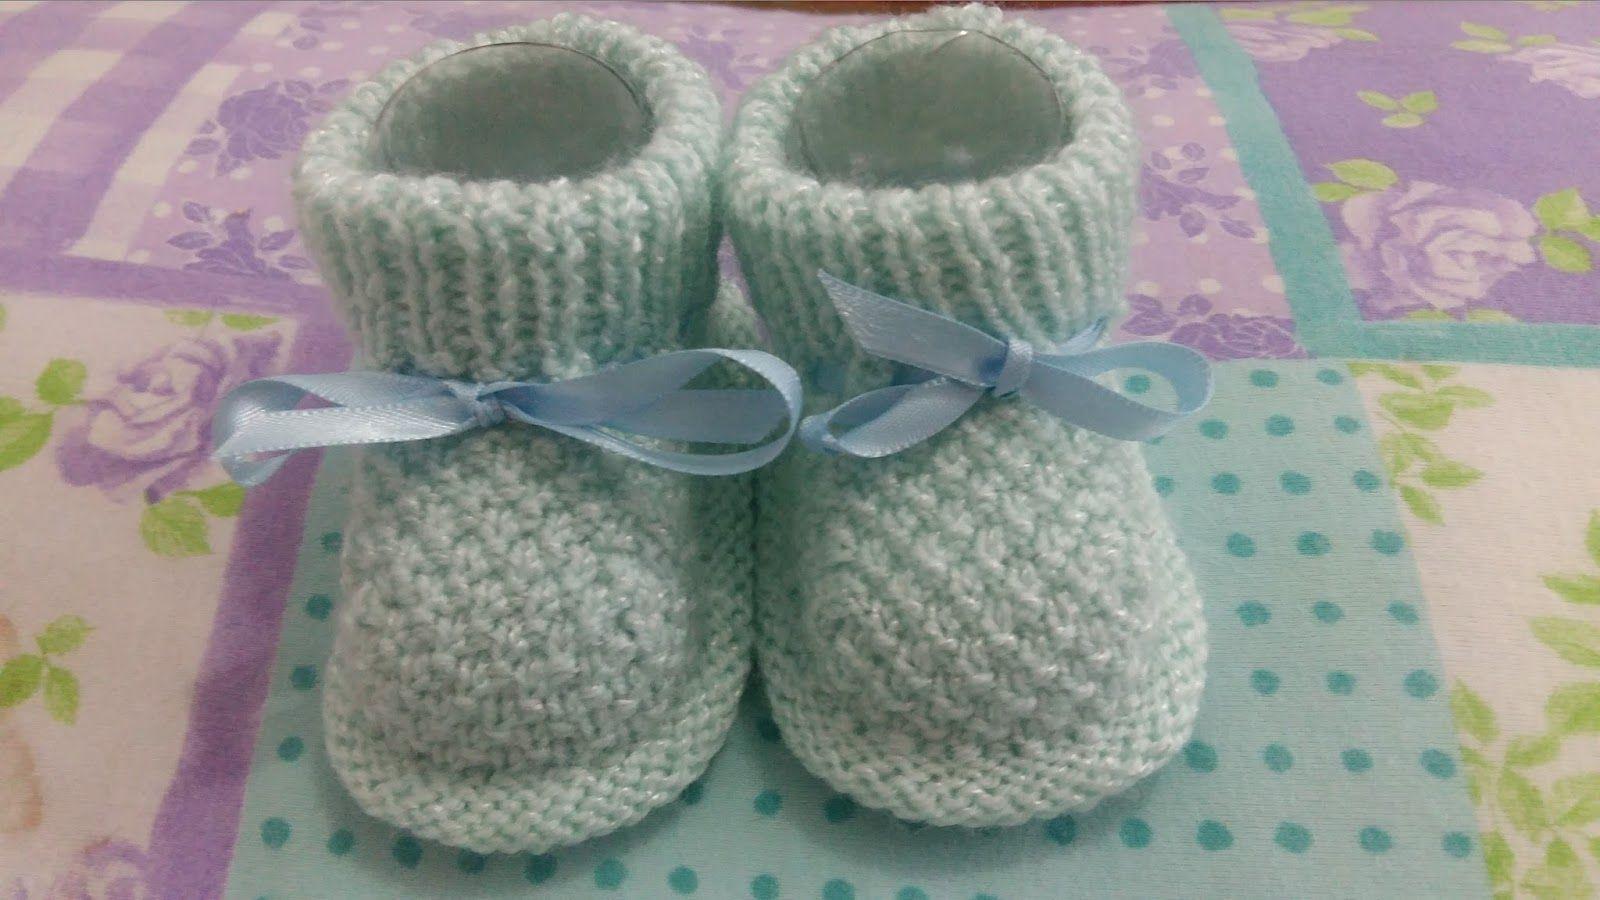 Receita Tricô Fácil Lindo Sapatinho Em trico Para Bebê Receita Completa Em  Trico Este sapatinho e muito fácil de tecer todo em tri. 52a972dc2ce